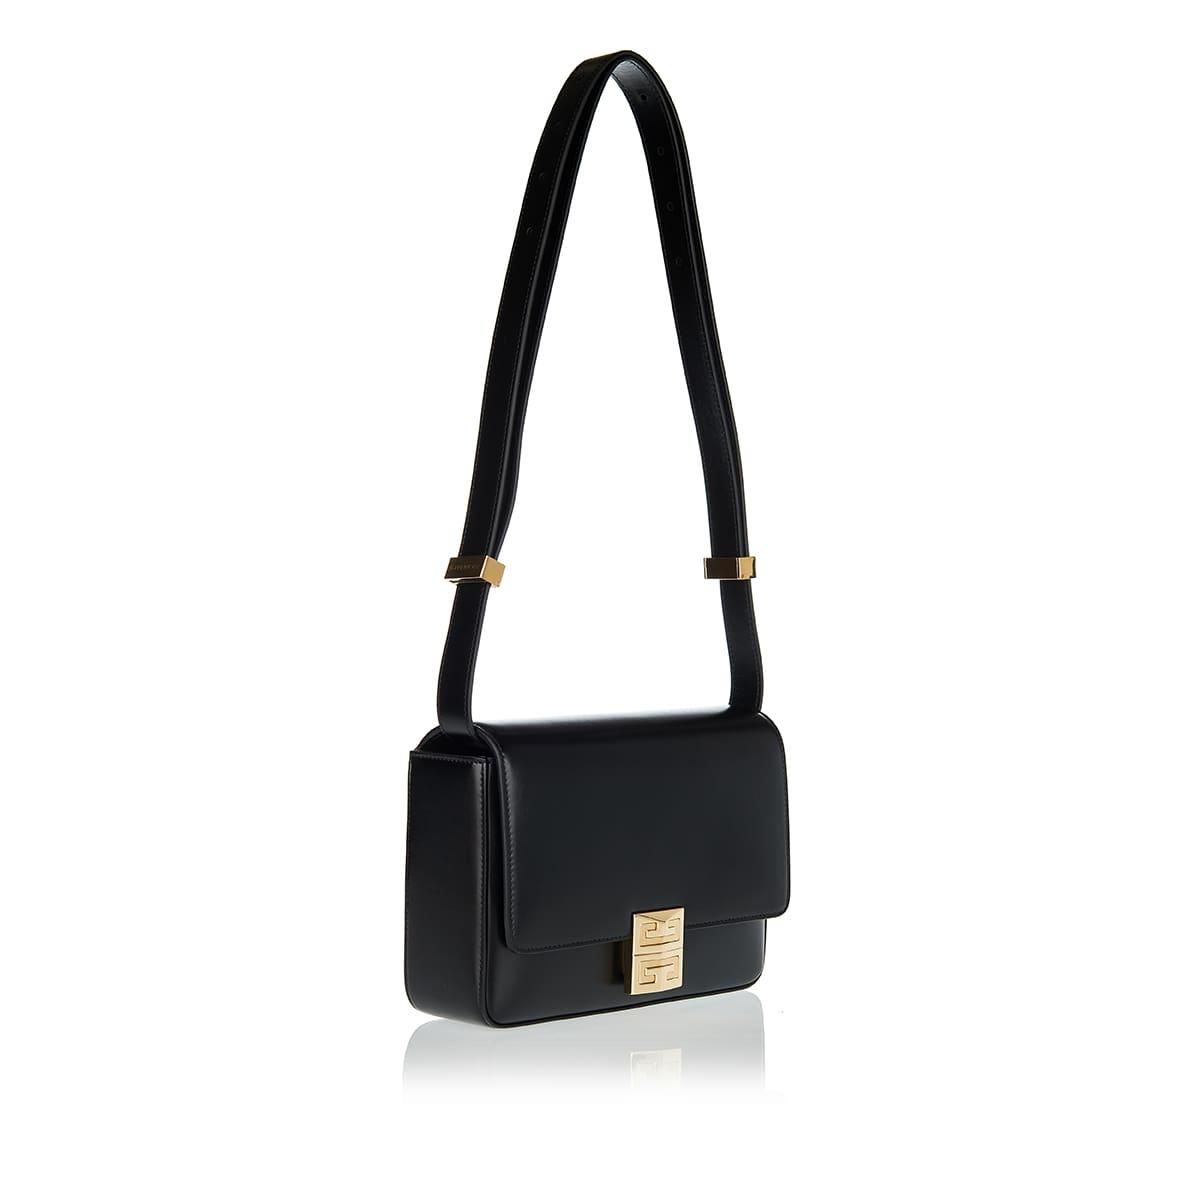 4G medium leather bag